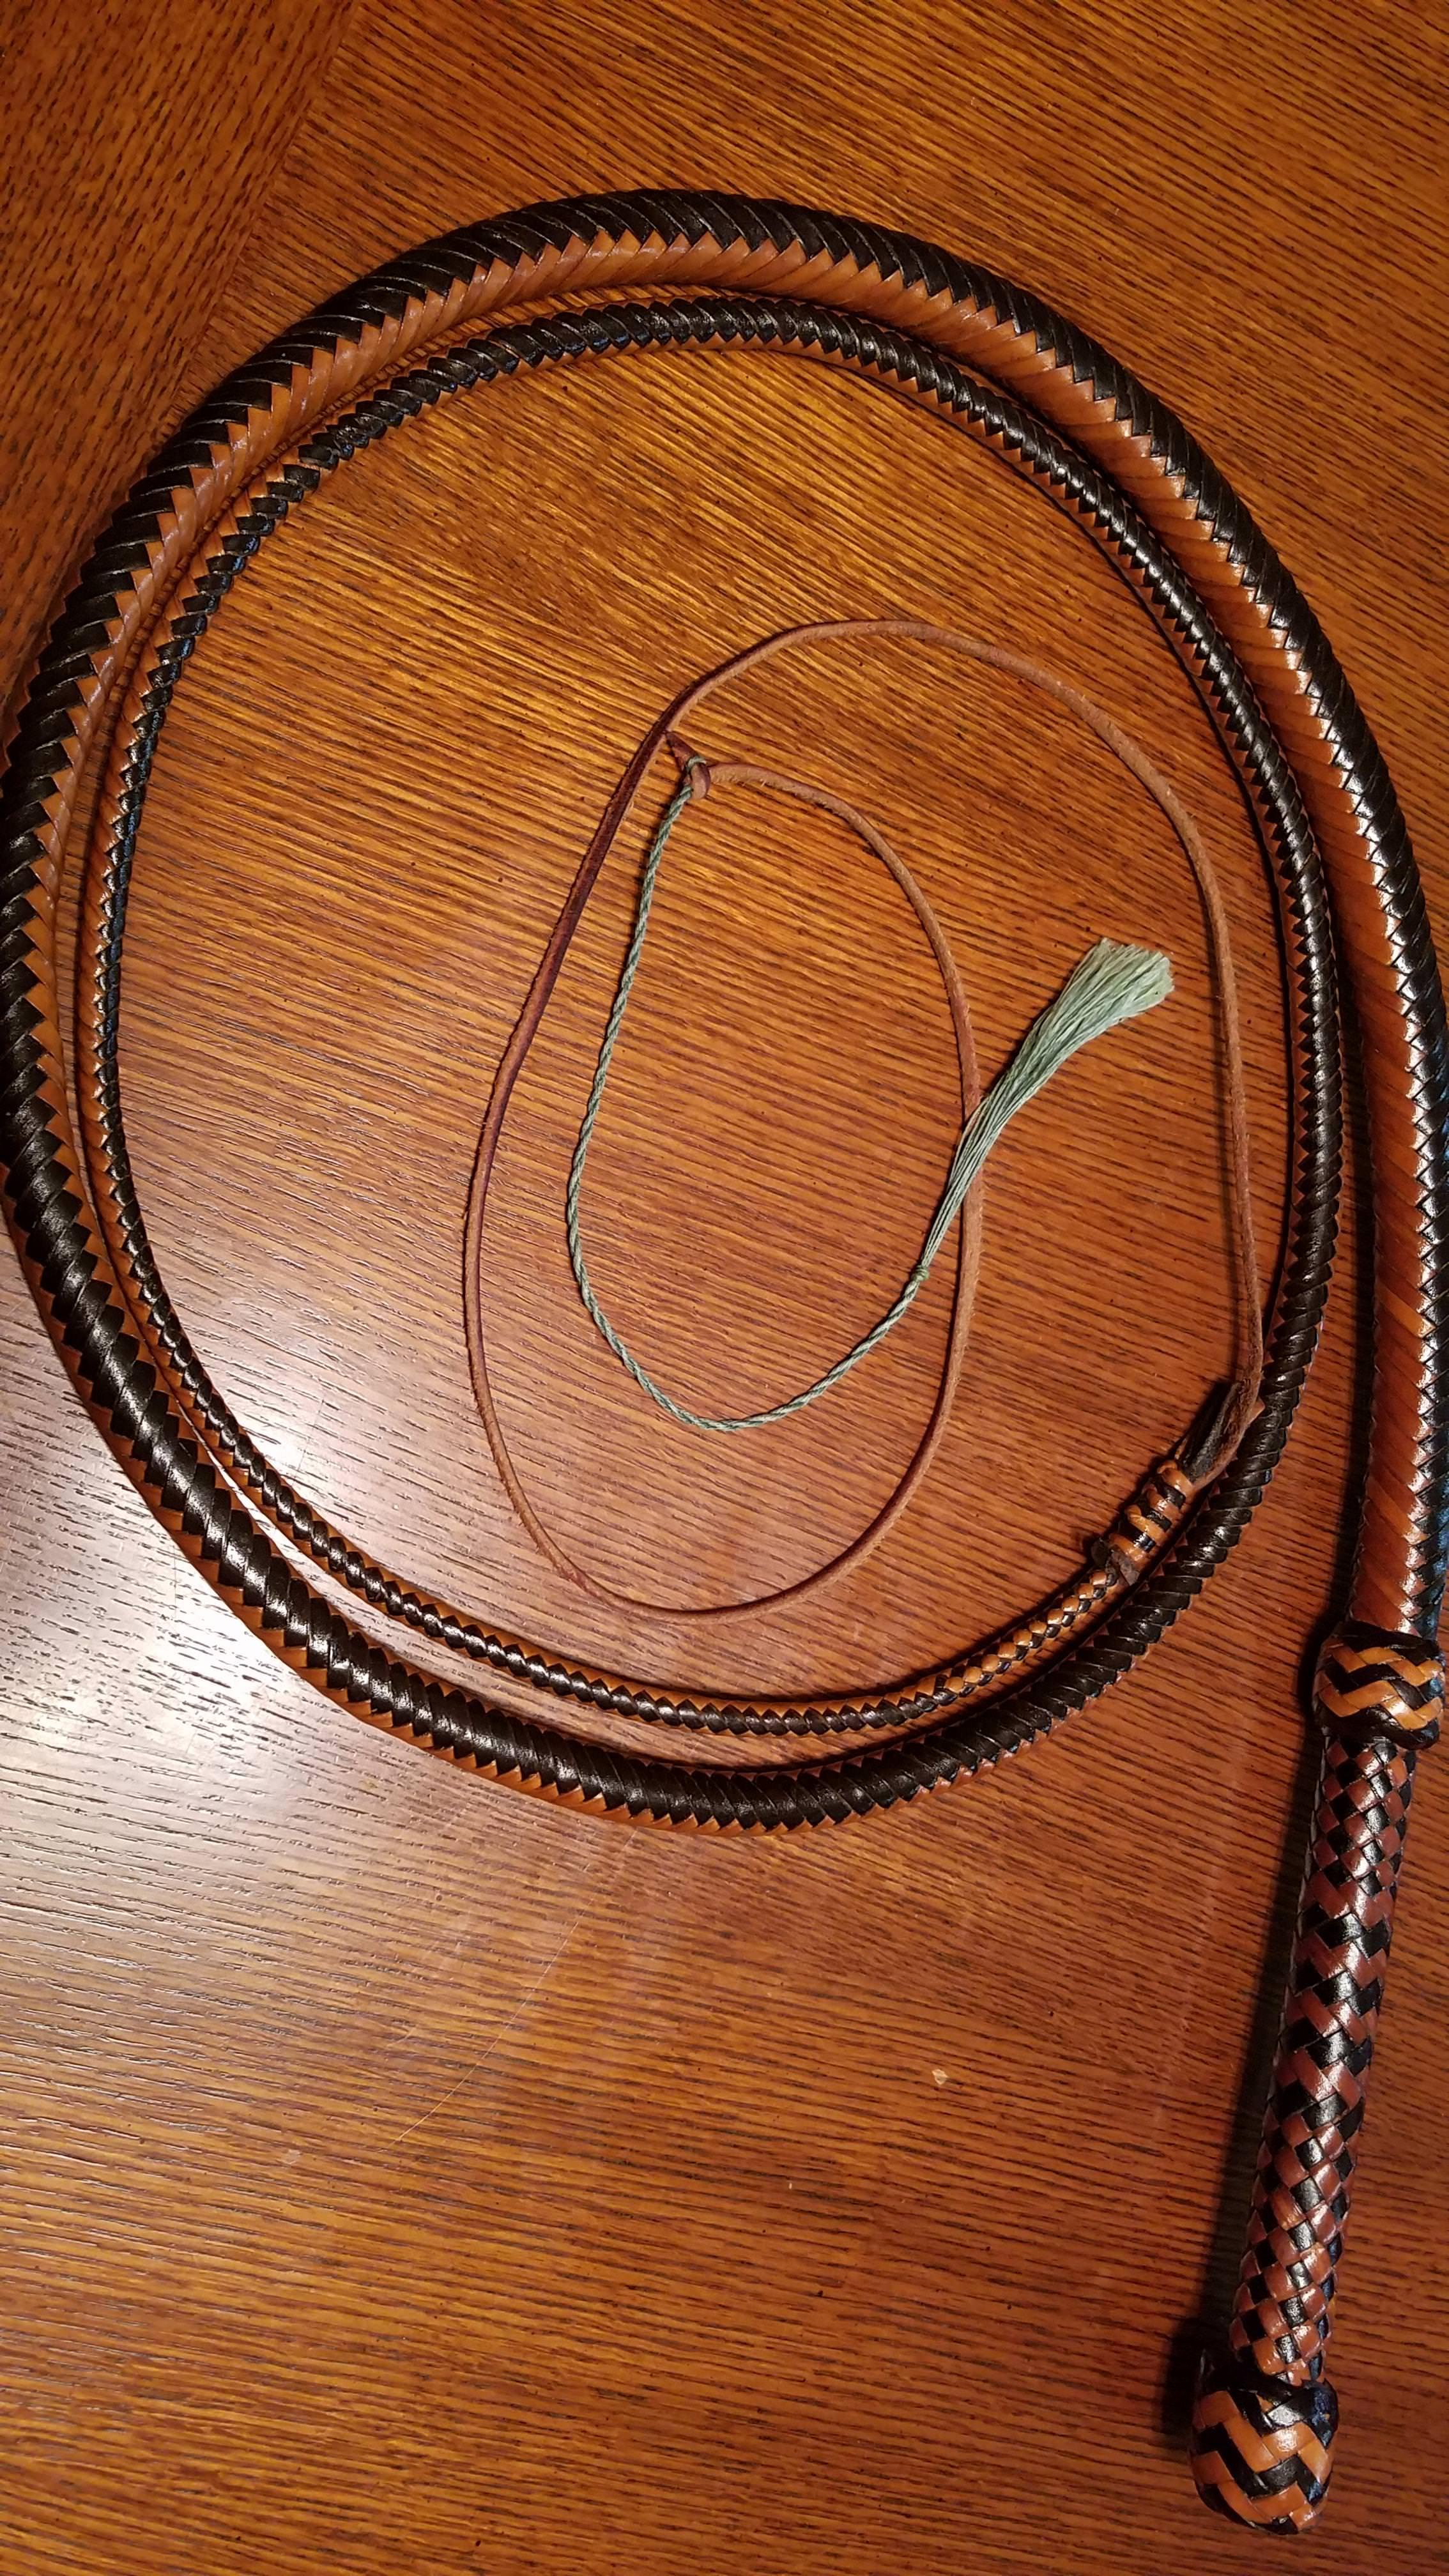 Finished 8 ft kangaroo hide bull whip - Imgur